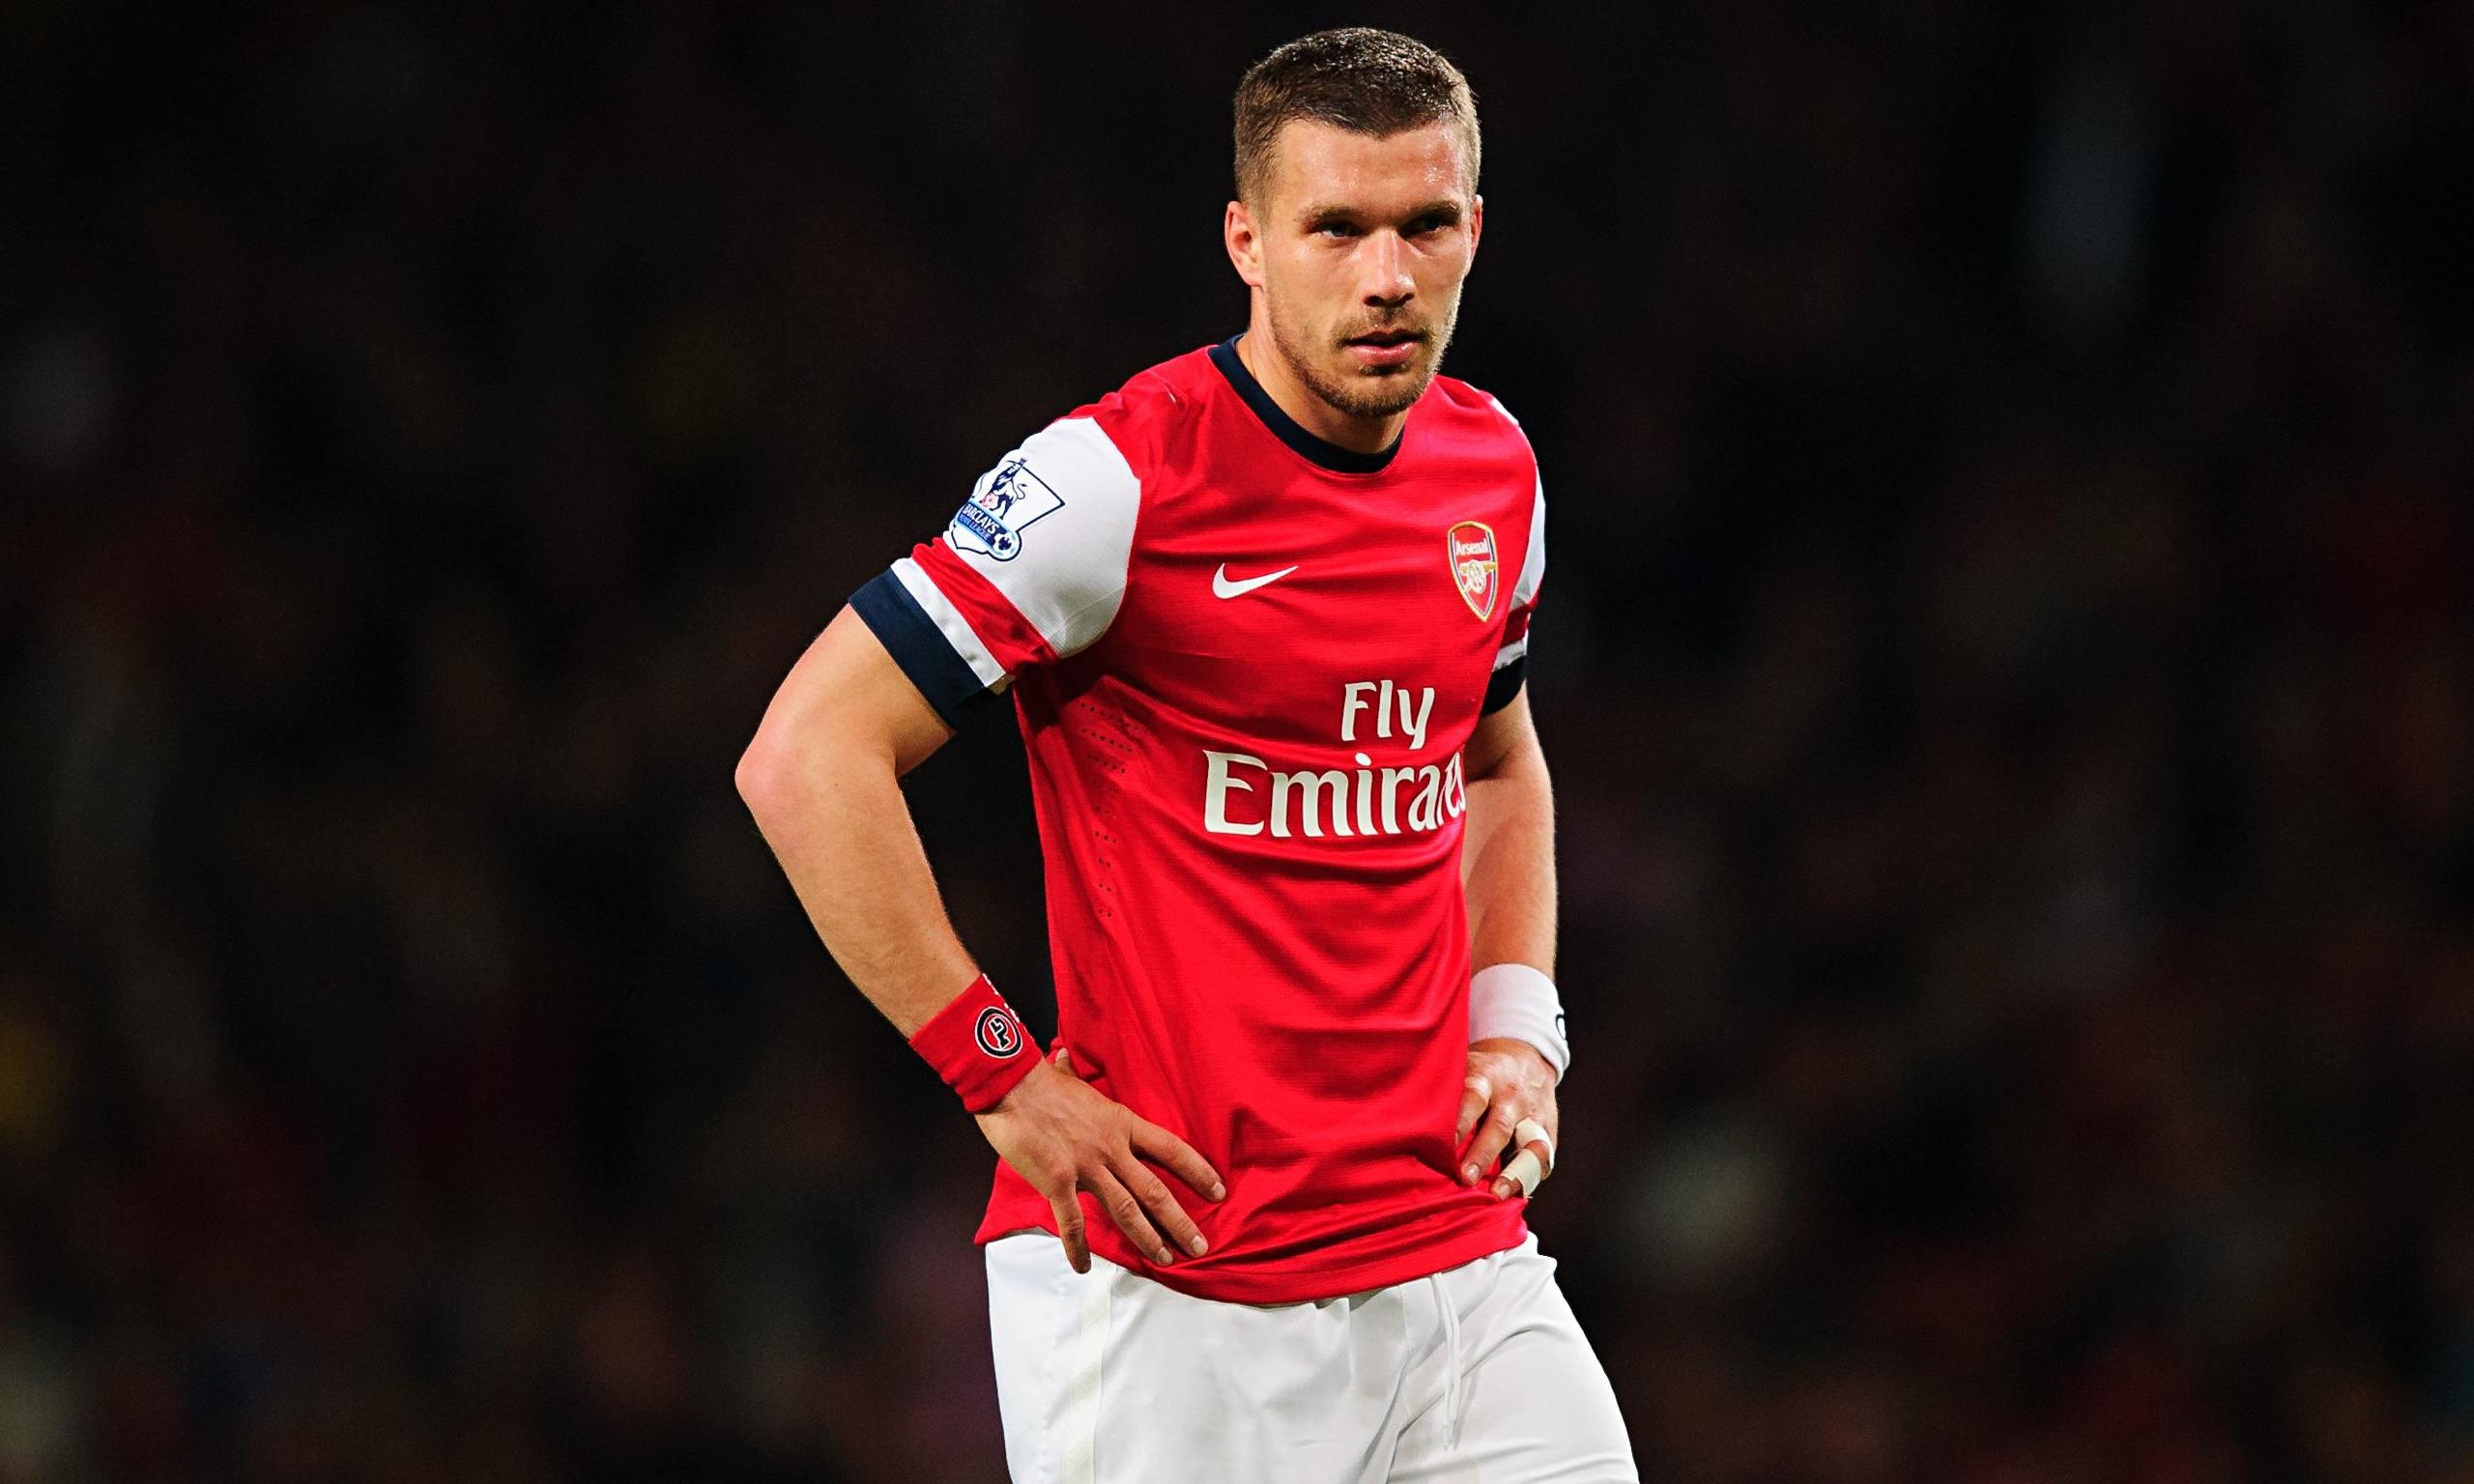 Calciomercato: Lucas Podolski obiettivo di mercato dell'Inter.